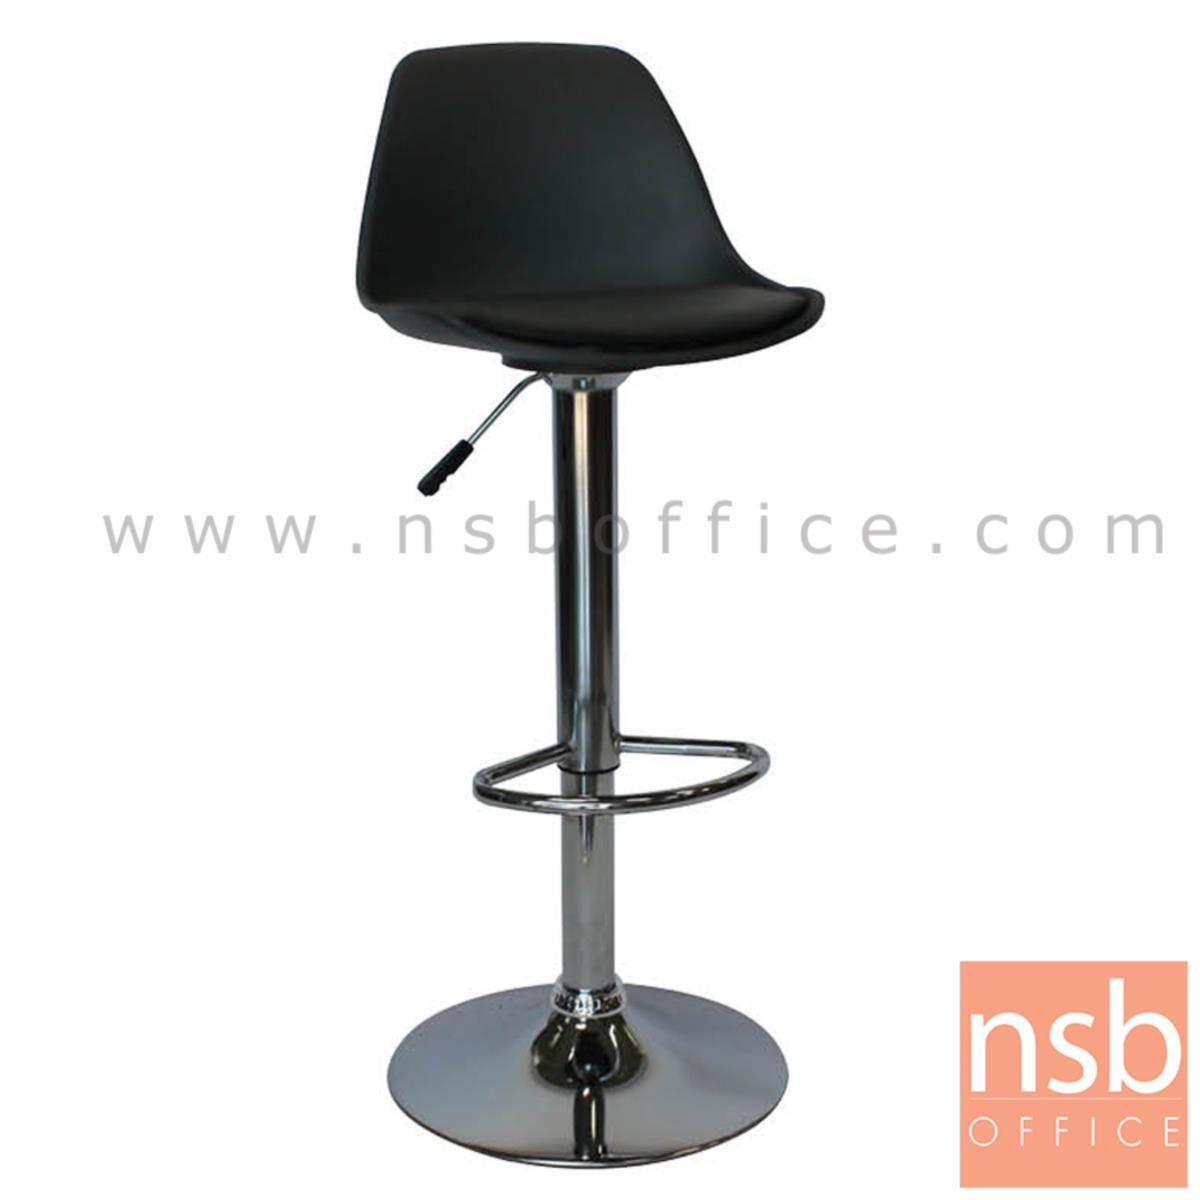 B18A081:เก้าอี้บาร์สูงเปลือกโพลี่เสริมเบาะหนังเทียม รุ่น Vega (เวก้า)  ขาโครเมี่ยมฐานจานกลม